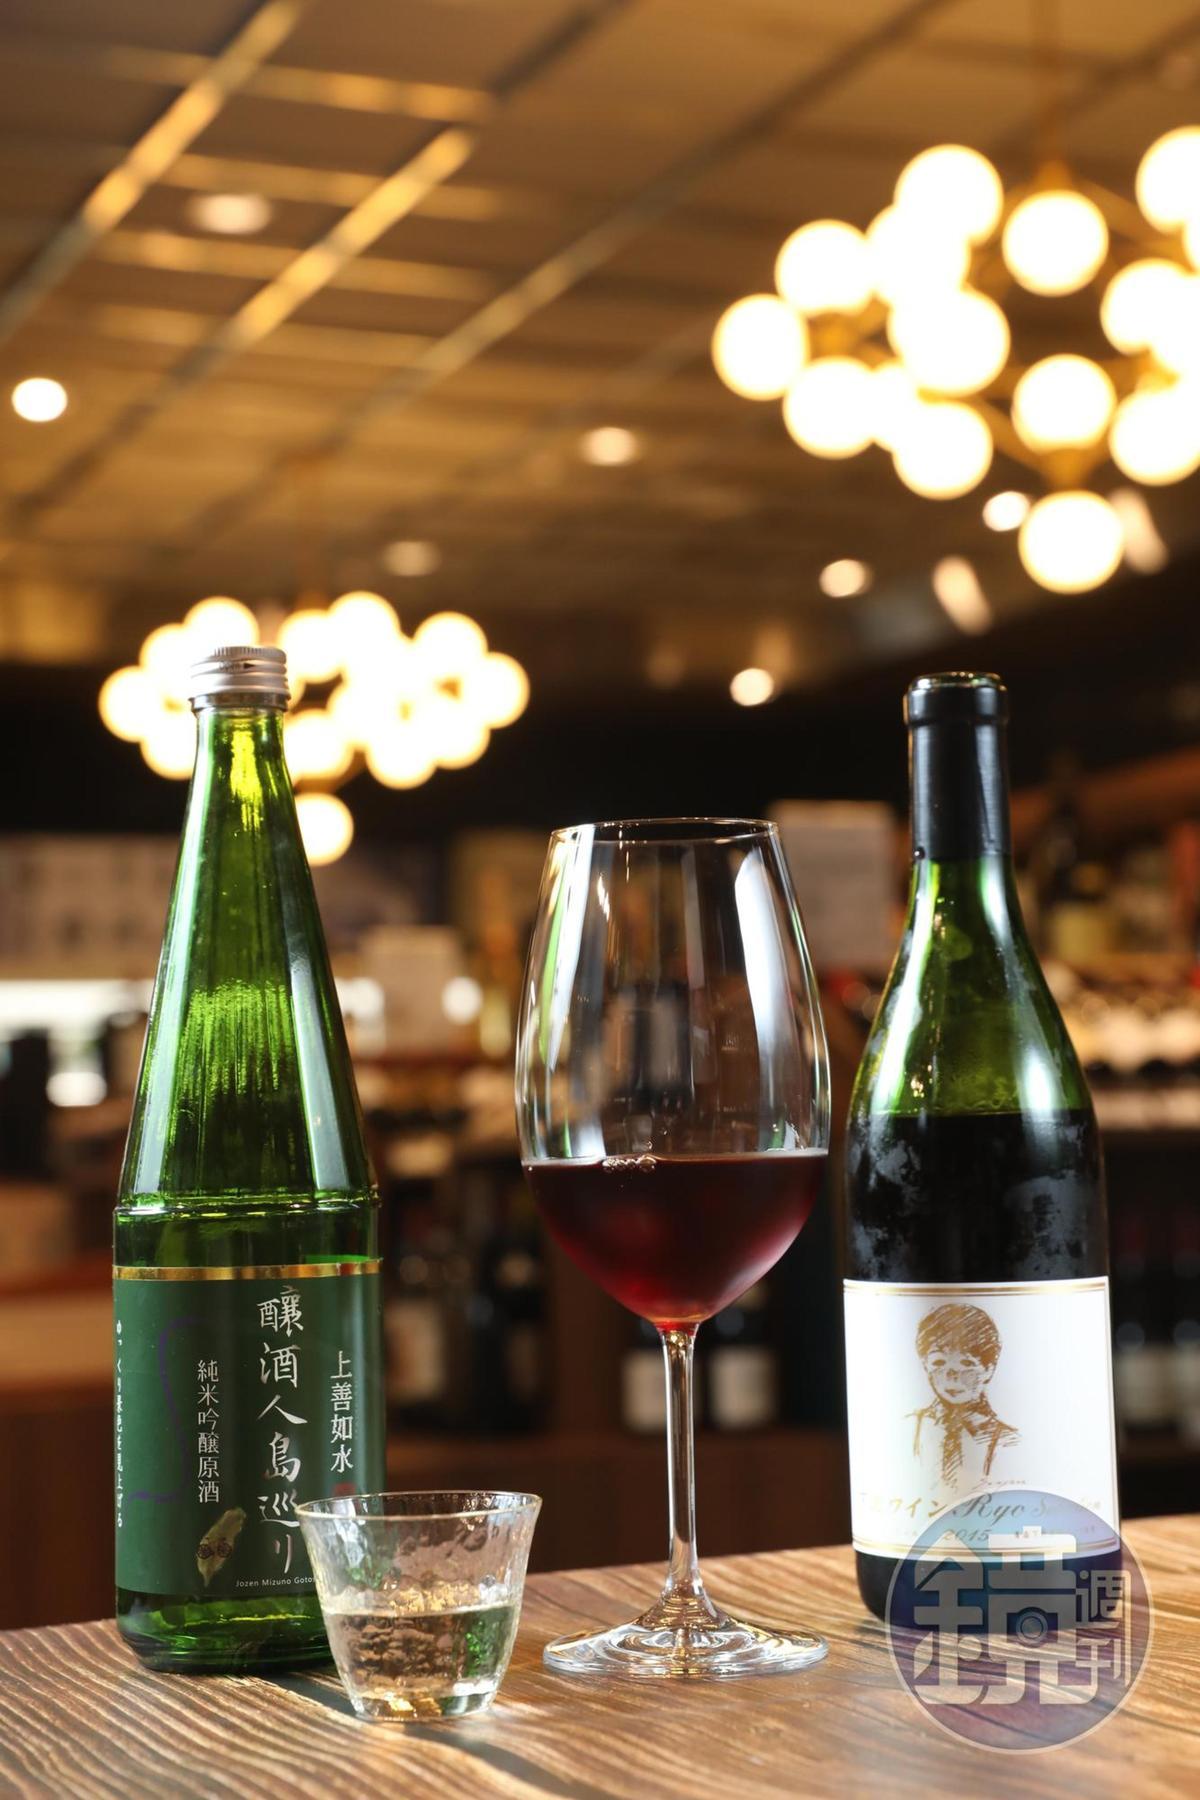 日本葡萄酒「Ryo Selection 下北葡萄酒莊紅葡萄酒」(右,2,450元/瓶),有豐美生津果汁感;微風獨家酒款「新潟上善如水釀酒人島巡純米吟釀原酒」旨味飽滿,這款清酒是業者特別為台灣人釀造的風味。(左,1,800元/瓶)。